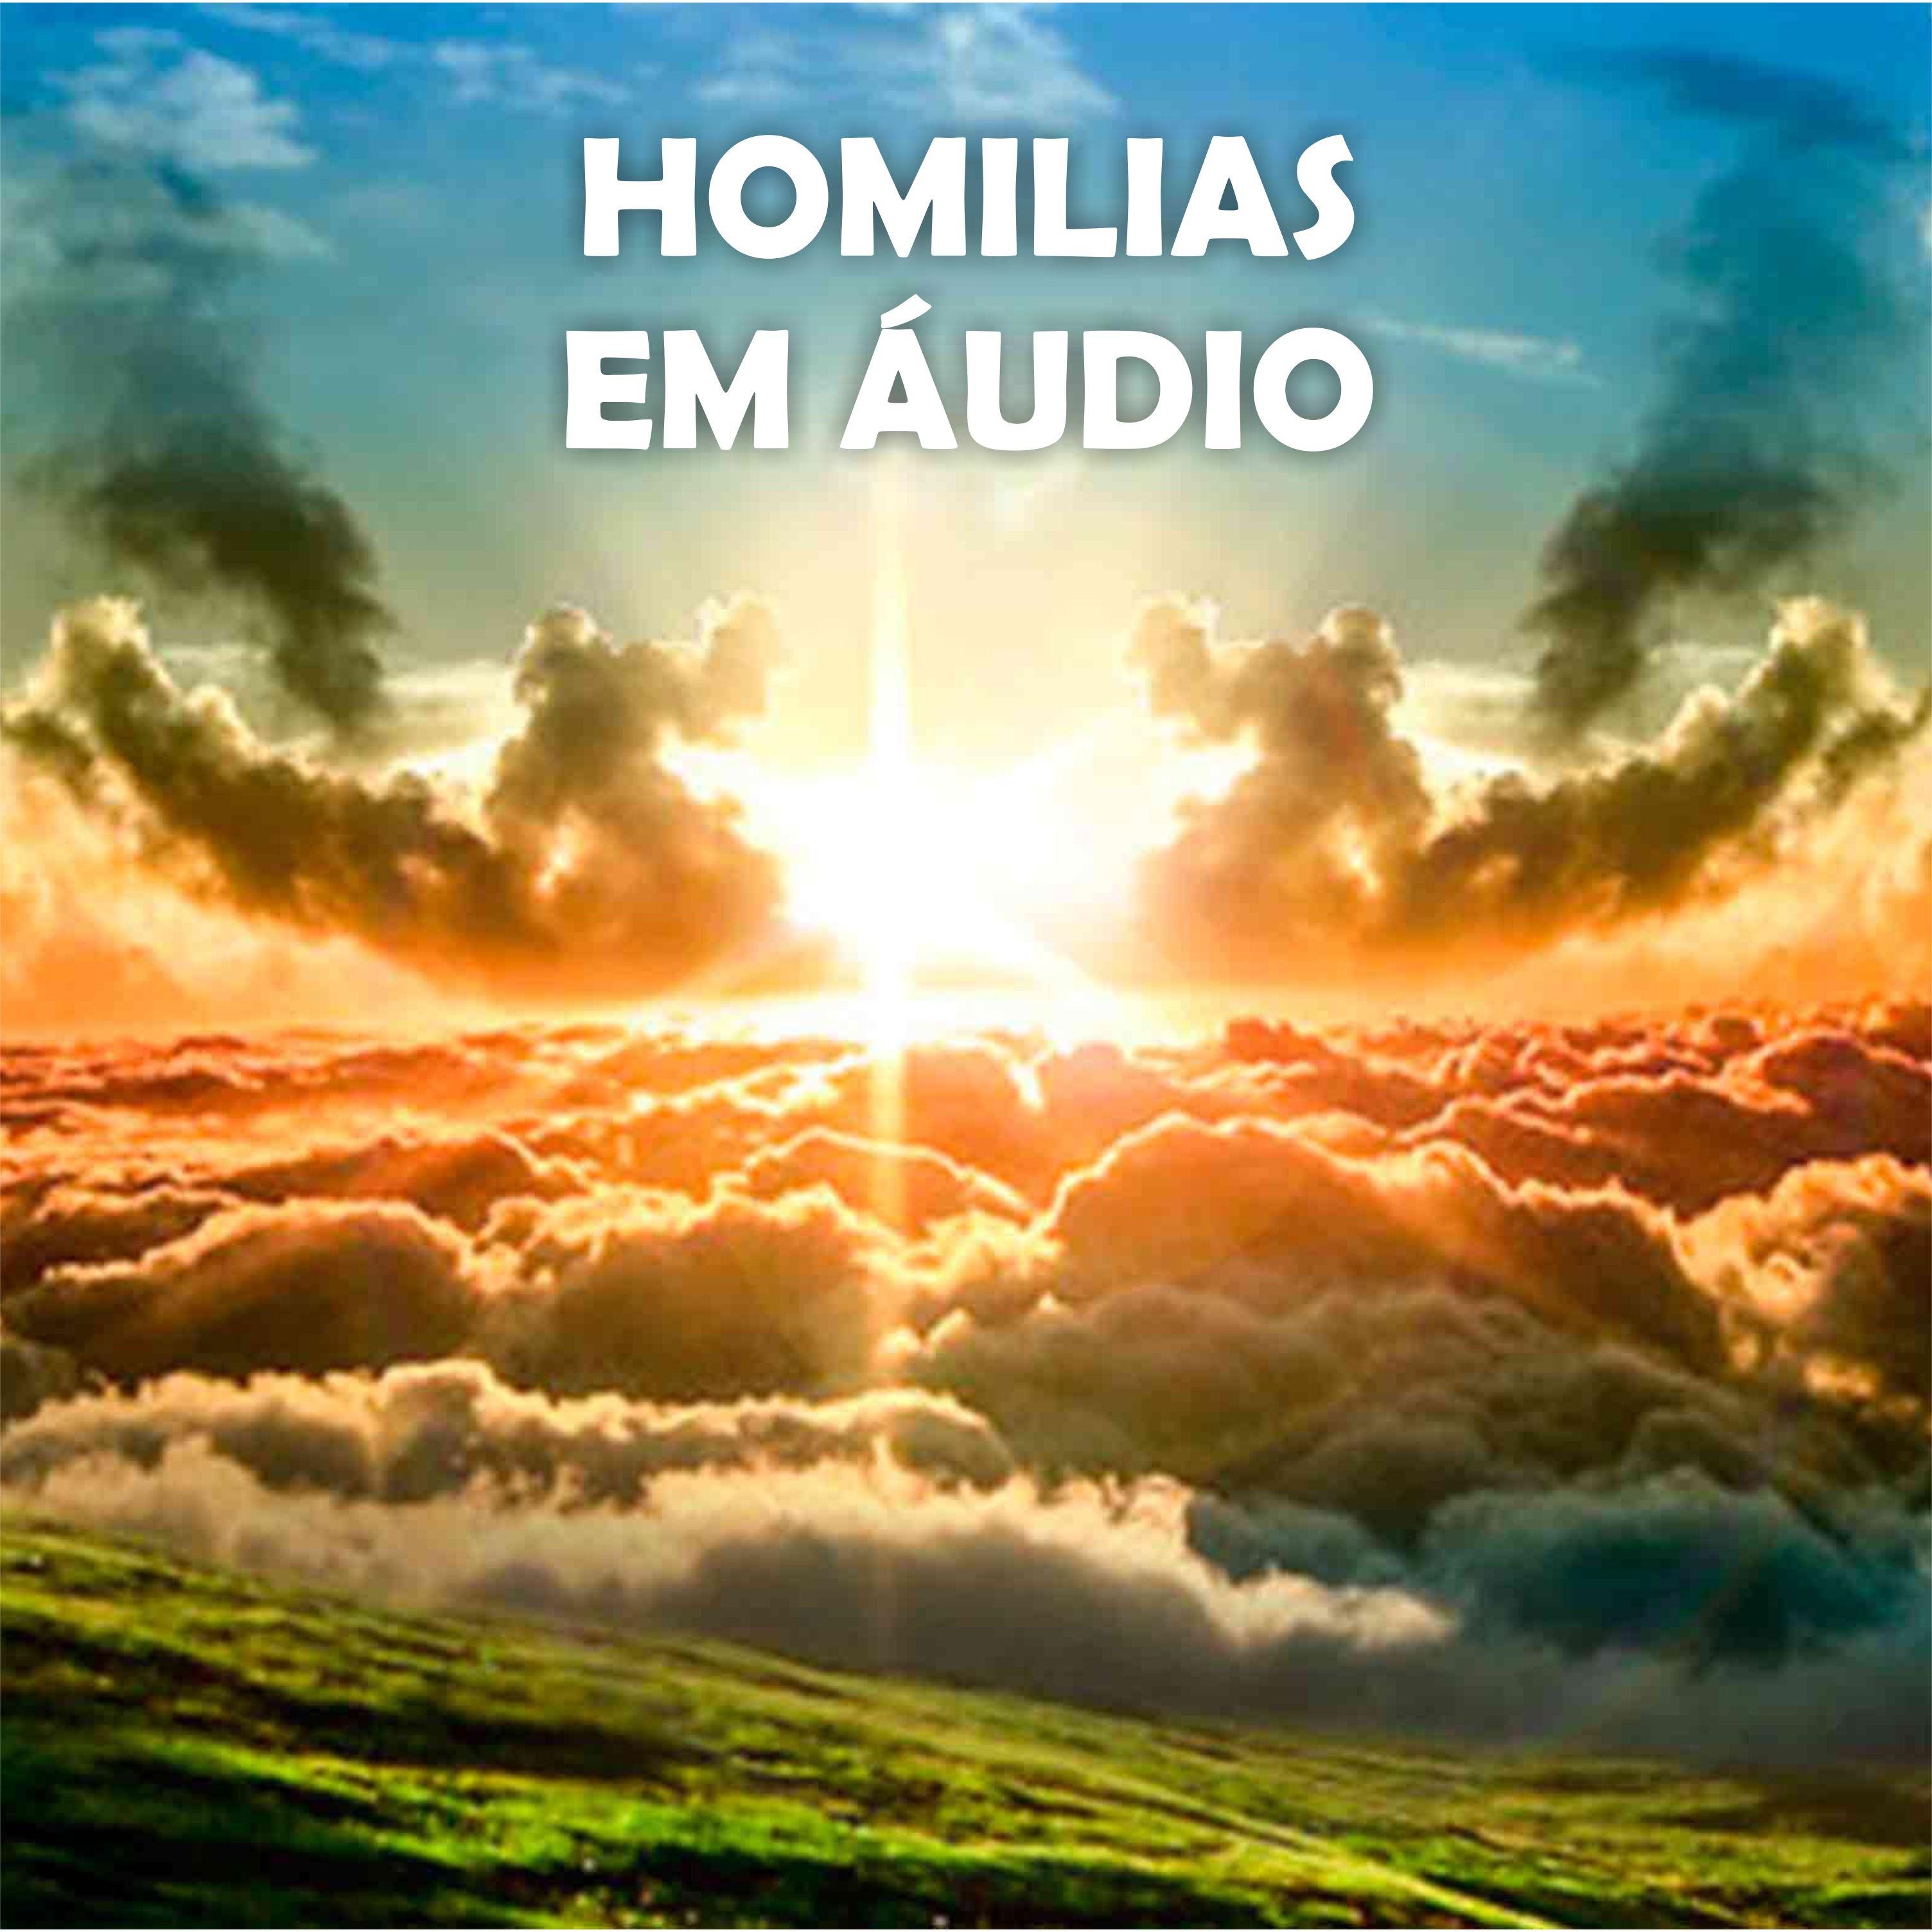 HOMILIAS EM ÁUDIO